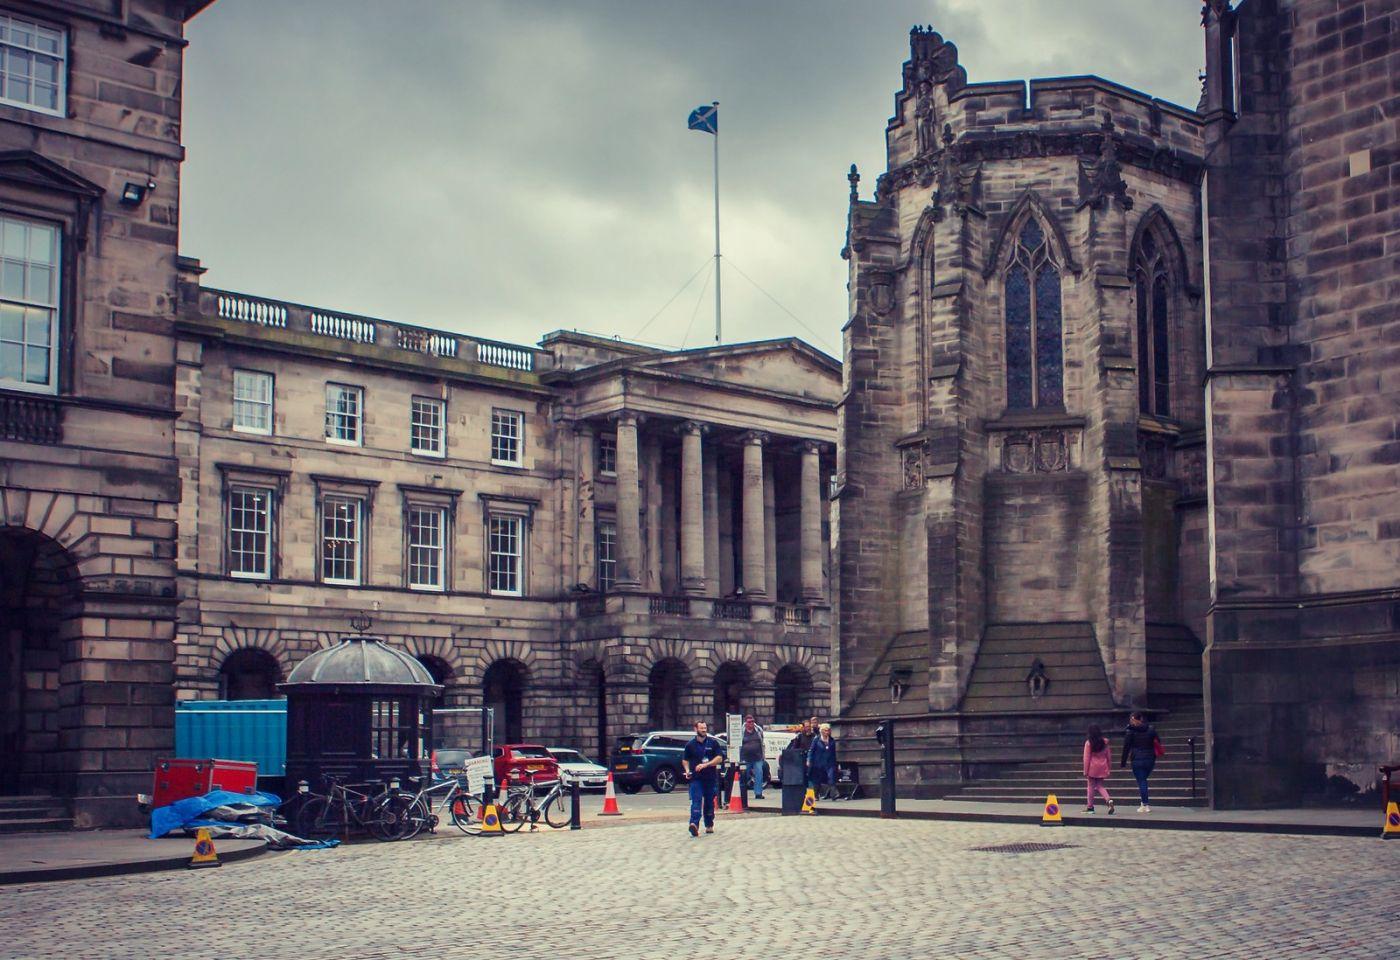 苏格兰爱丁堡,老城市老文化_图1-26